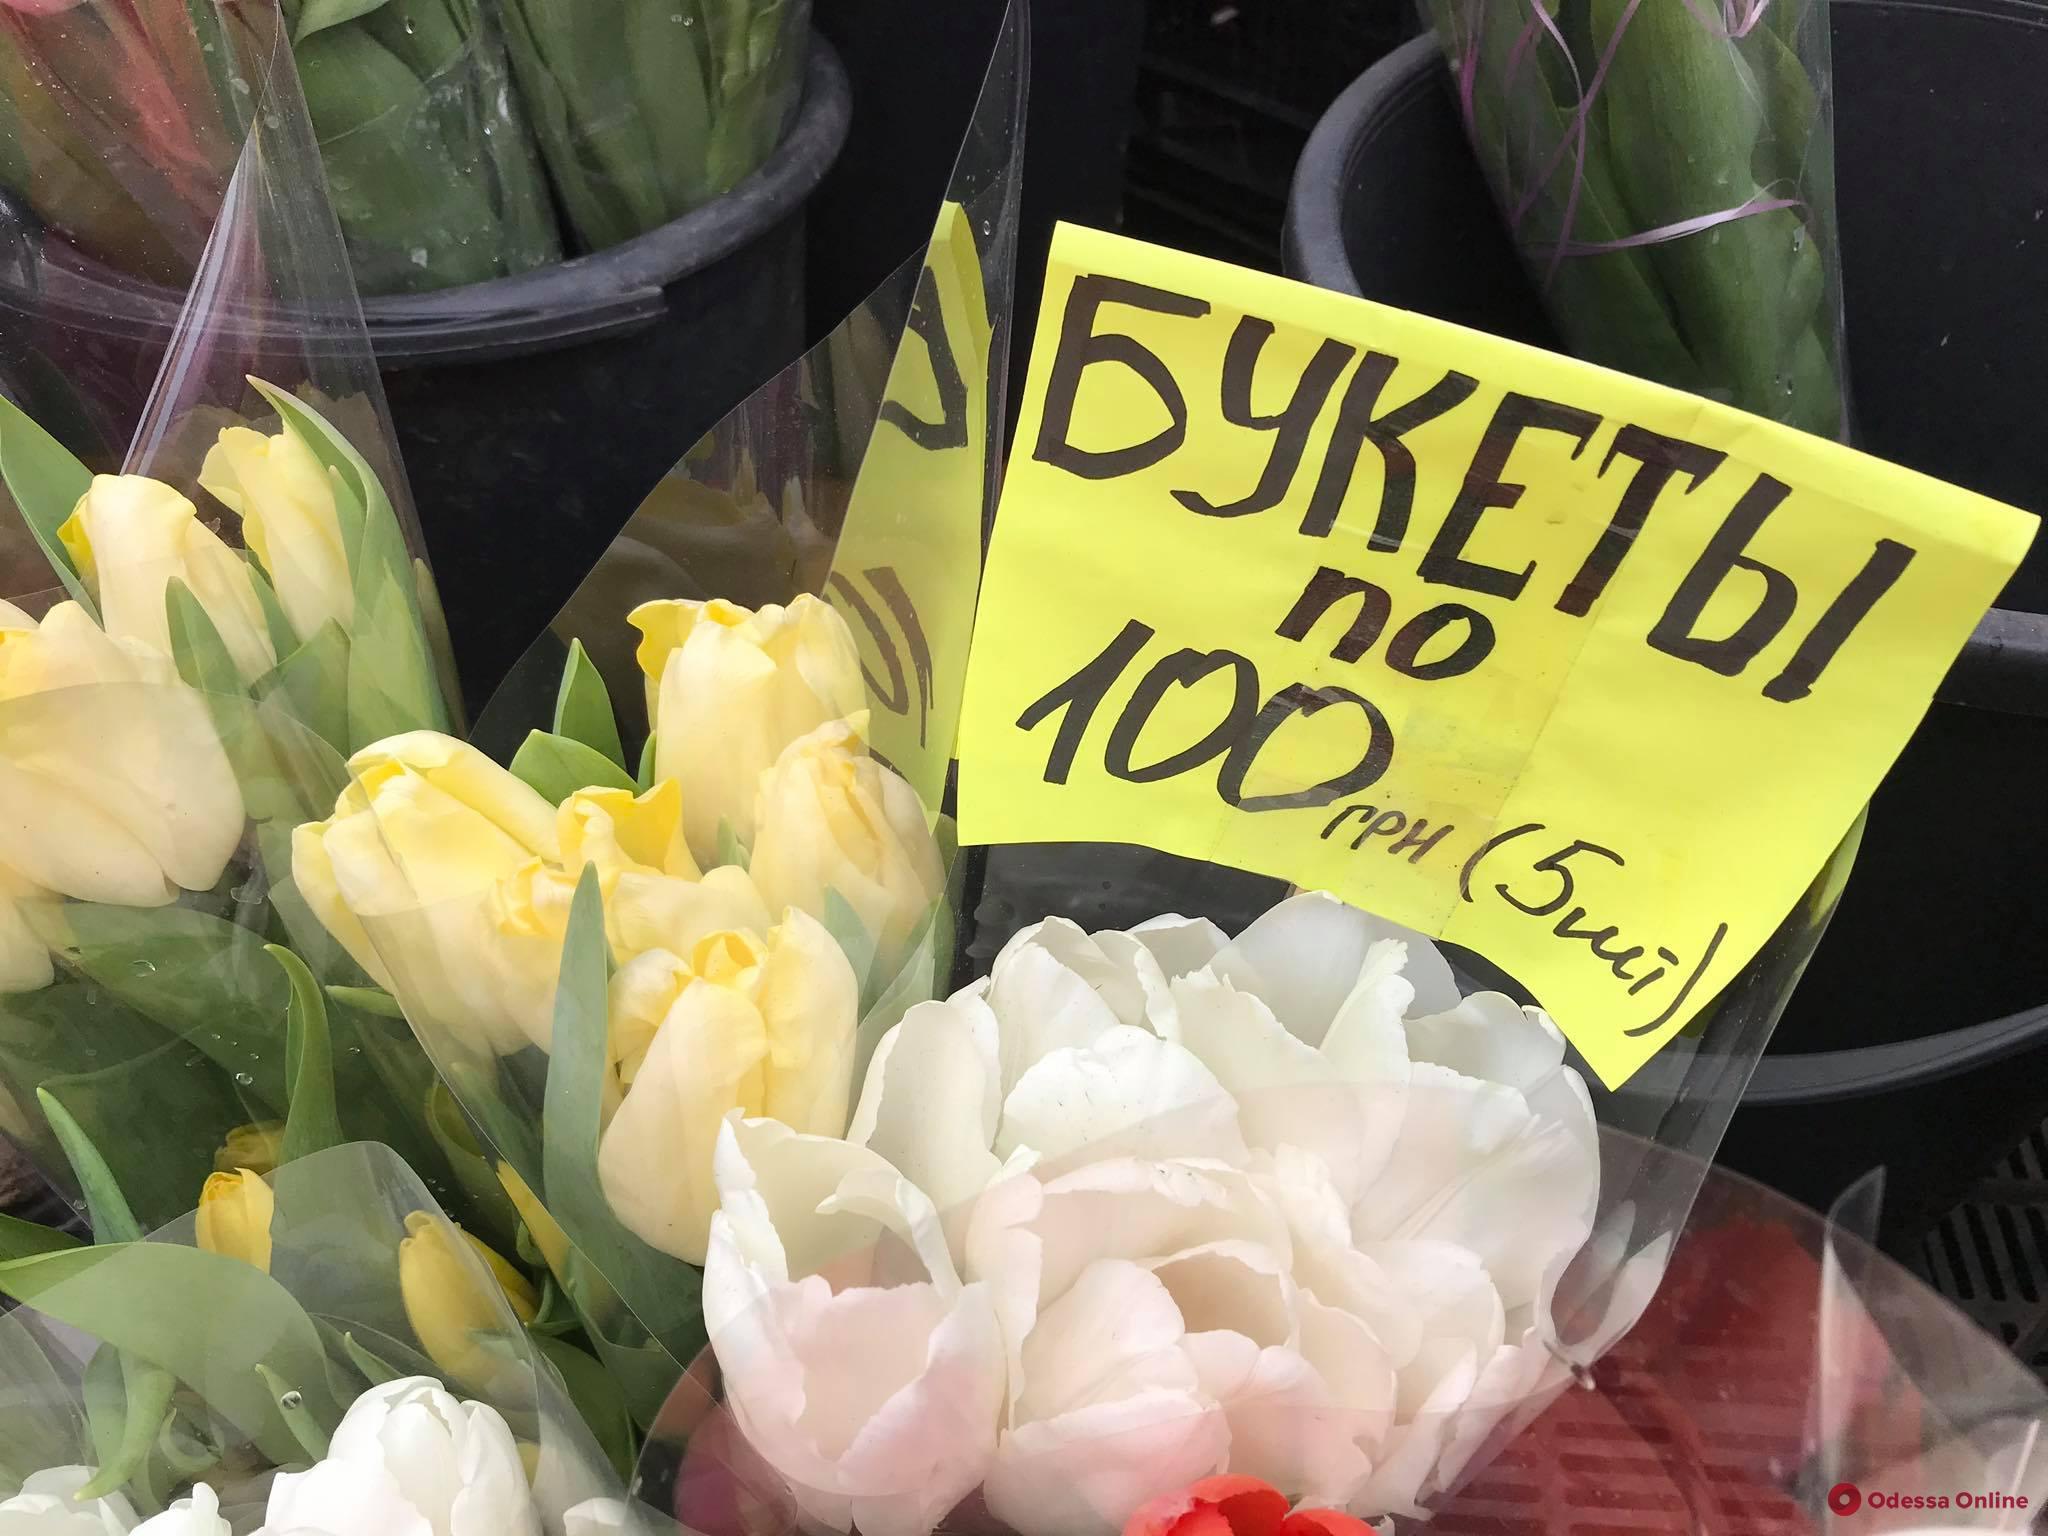 Почем цветы в Одессе 8 марта: цены на городских рынках (большой фоторепортаж)